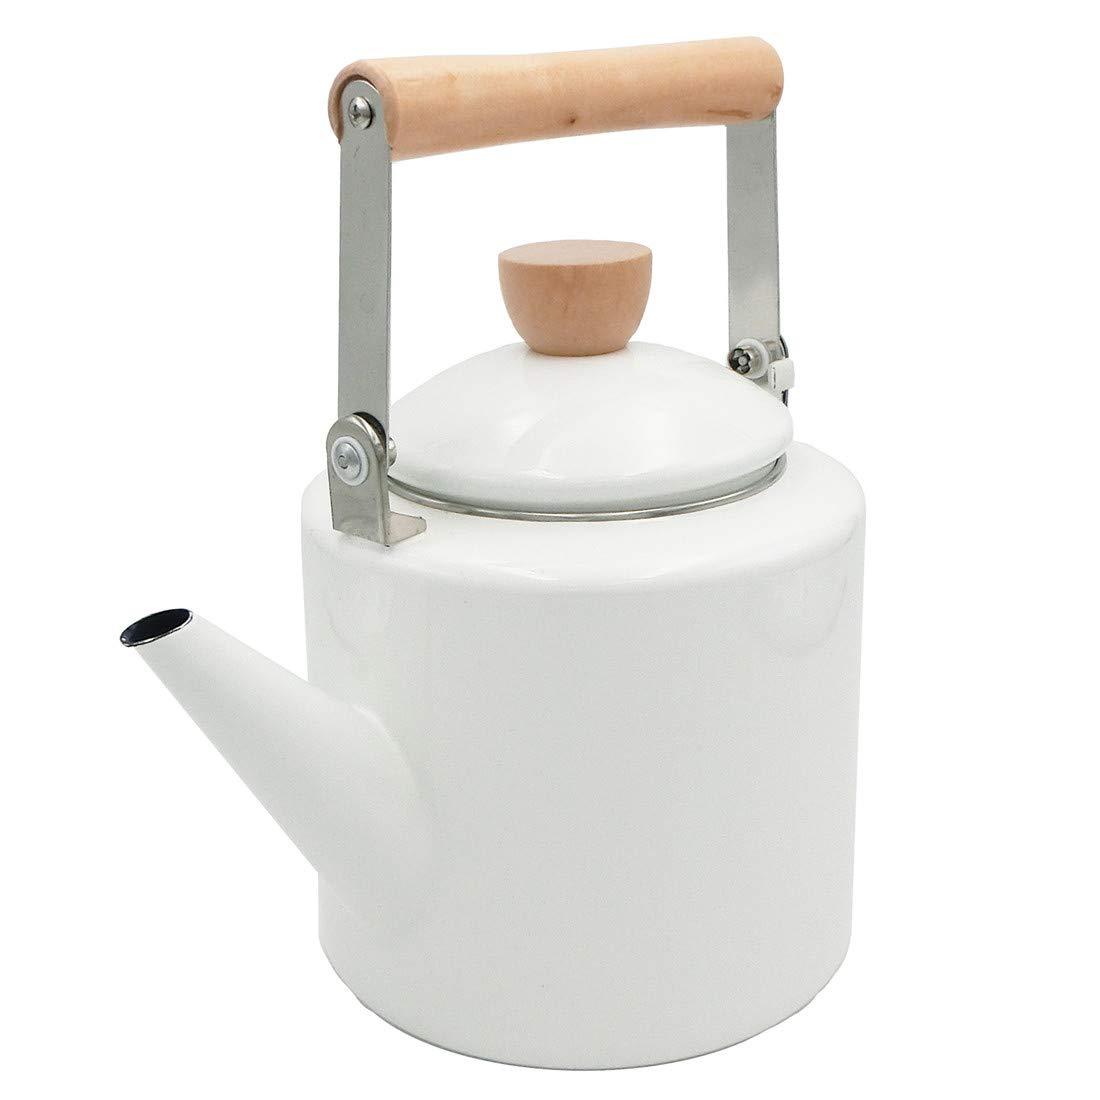 Keypro Enamel on Steel Tea Kettle, 1.7-Quart Maximum Safe Capacity, Cylindrical Shape with Wood Handle, Vintage Style White